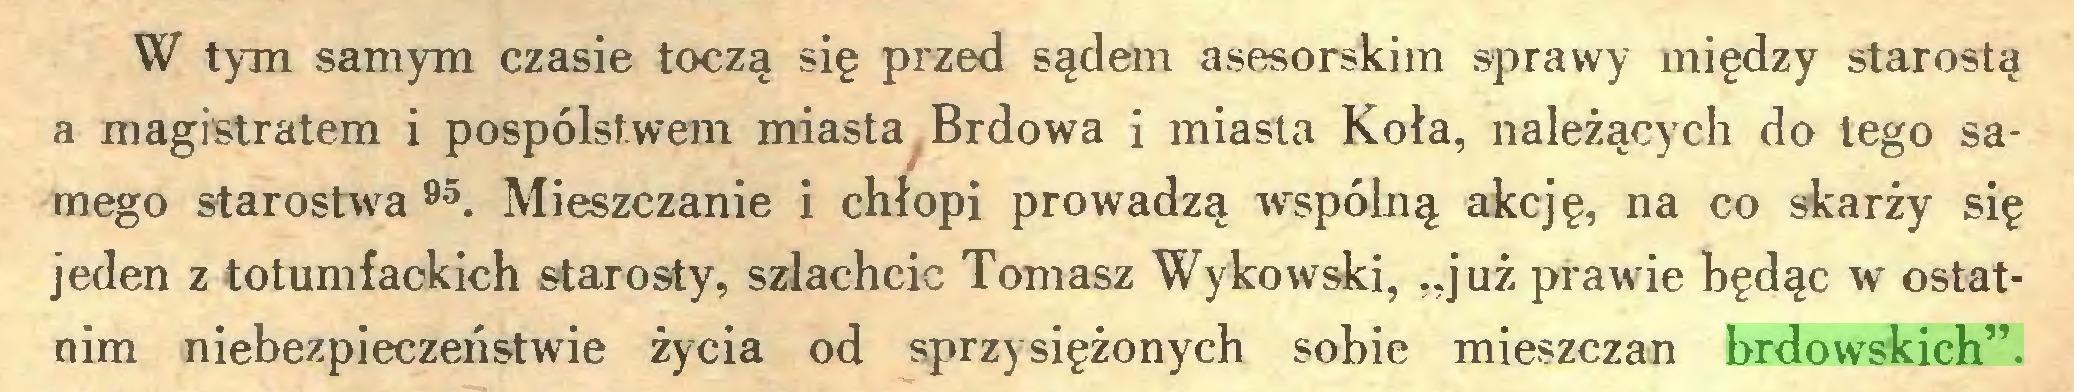 """(...) W tym samym czasie toczą się przed sądem asesorskim sprawy między starostą a magistratem i pospólstwem miasta Brdowa i miasta Koła, należących do tego samego starostwa 95. Mieszczanie i chłopi prowadzą wspólną akcję, na co skarży się jeden z totumfackich starosty, szlachcic Tomasz Wykowski, """"już prawie będąc w ostatnim niebezpieczeństwie życia od sprzysiężonych sobie mieszczan brdowskich""""..."""